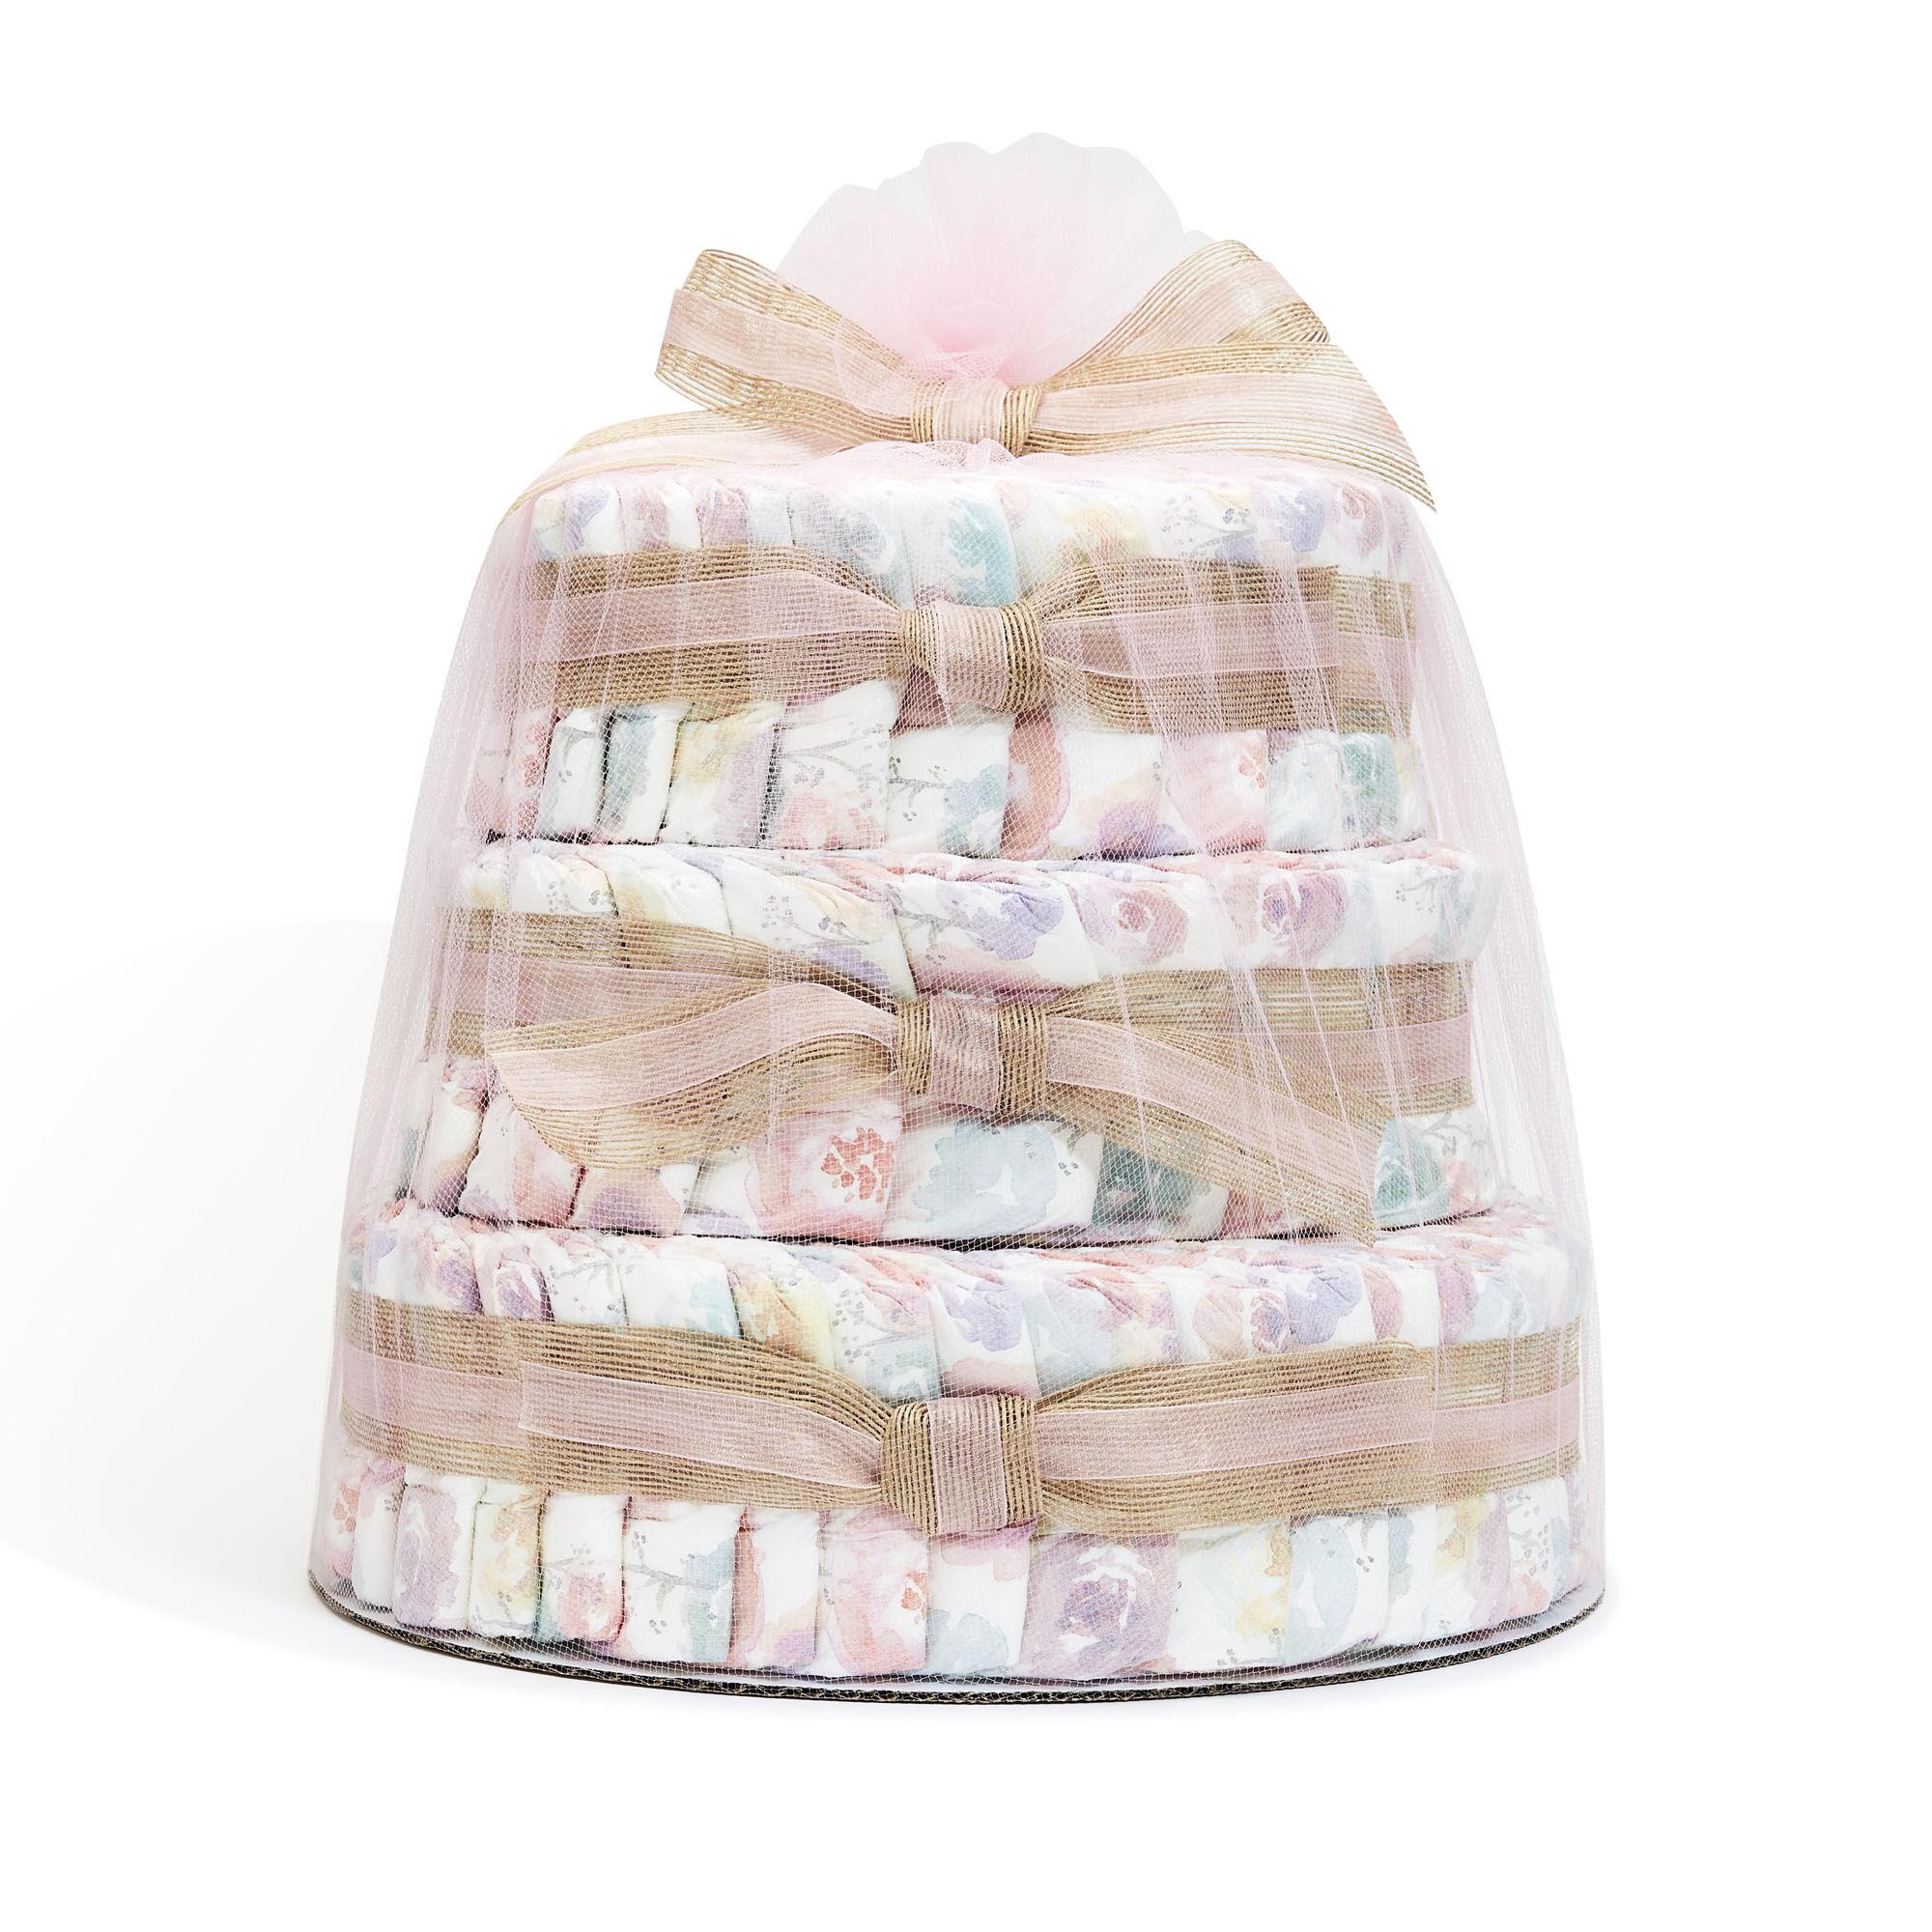 Clean Conscious Diaper Cake, Rose Blossom